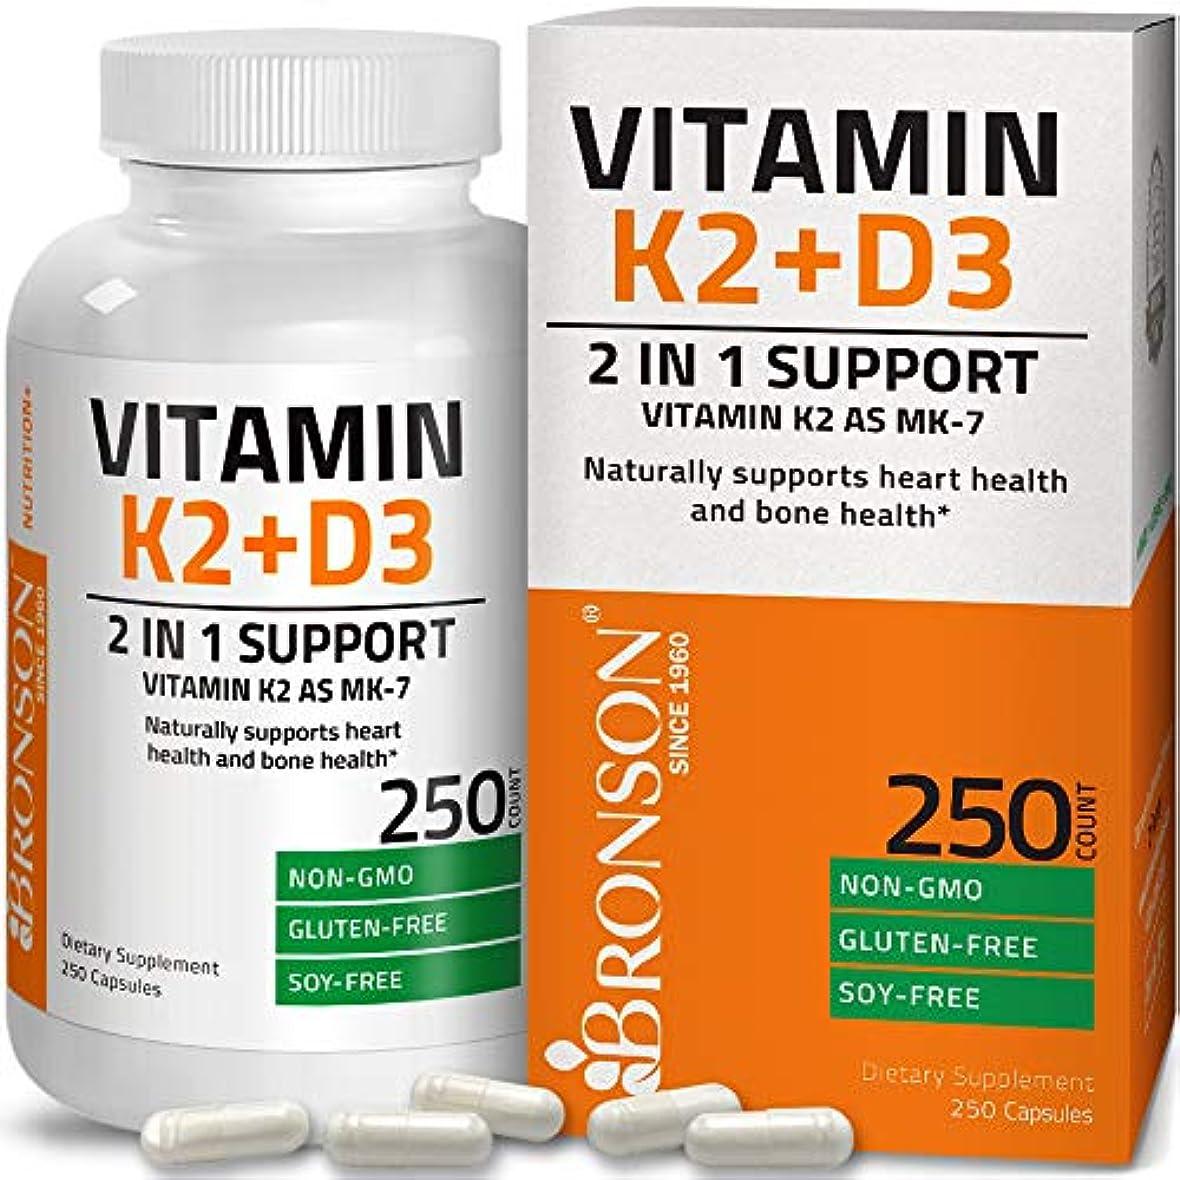 硬さちらつき子羊ビタミンD3配合ビタミンK2 (MK7として)サプリメント - 遺伝子組み換えでないグルテンフリー処方 - 5000 IU ビタミンD3 & 90 mcg ビタミンK2 MK-7 -ビタミンD & Kコンプレックス配合、...